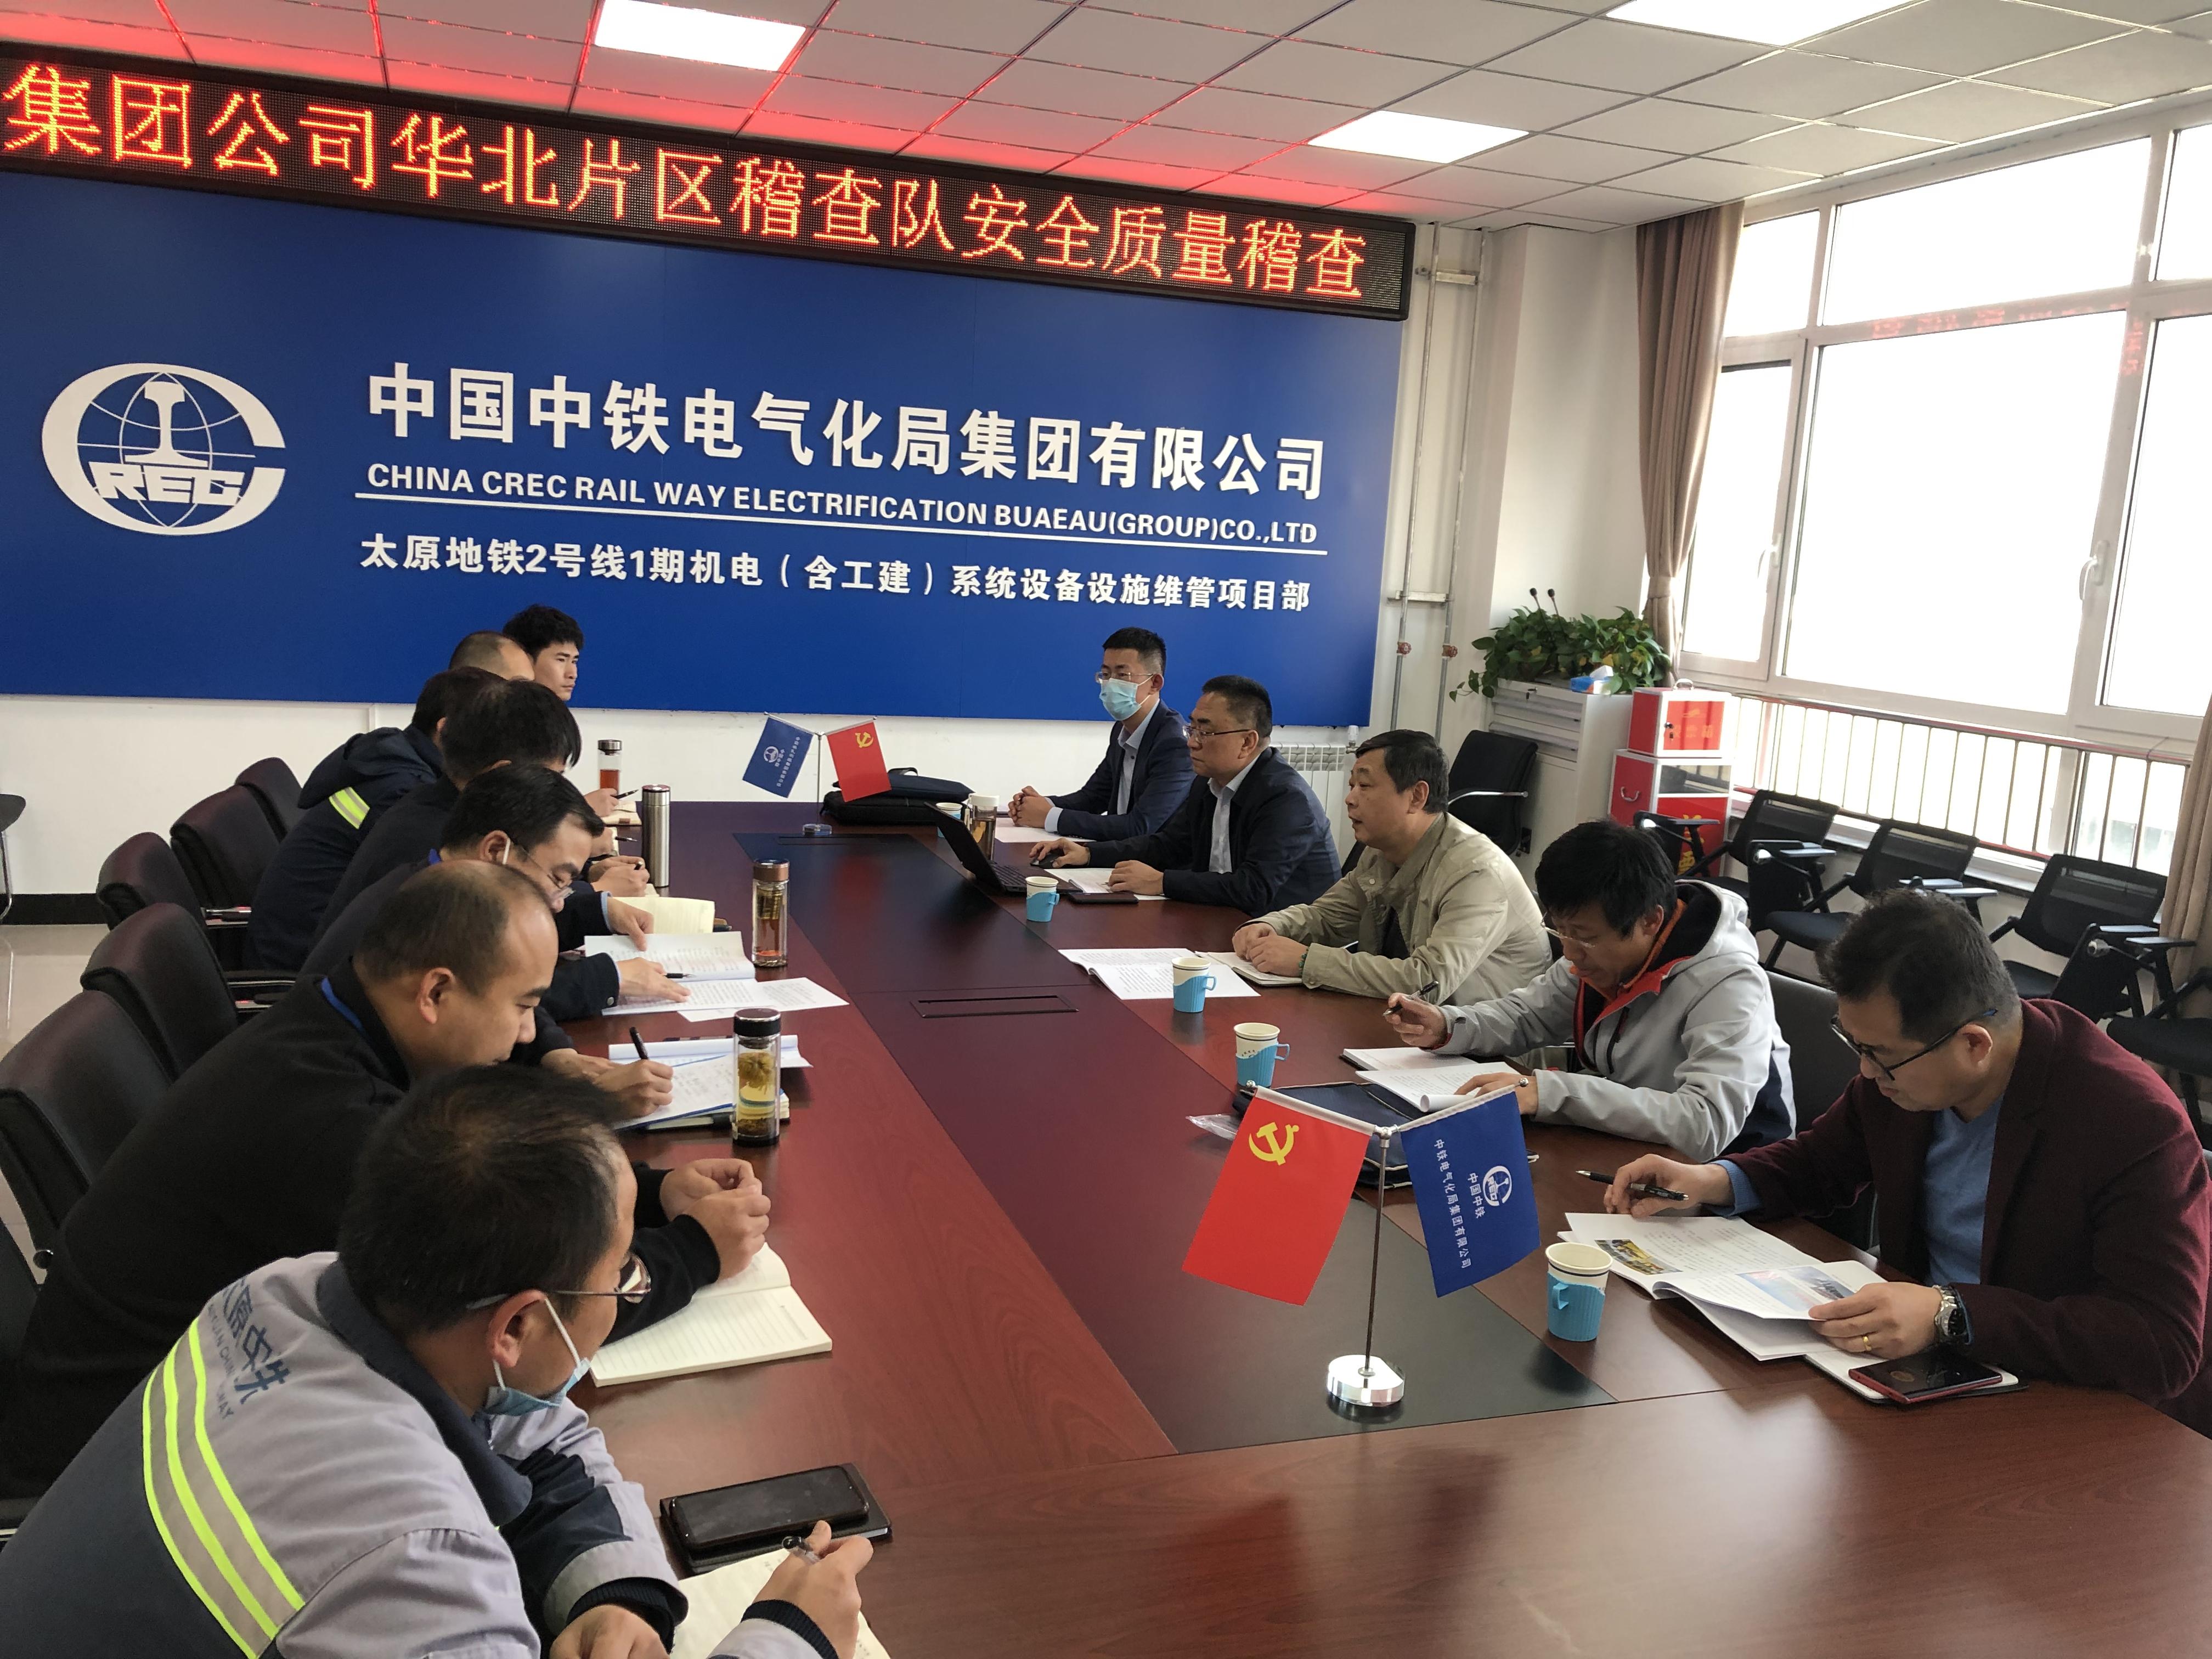 中铁电气化局太原地铁2号线维管项目接受稽查队检查